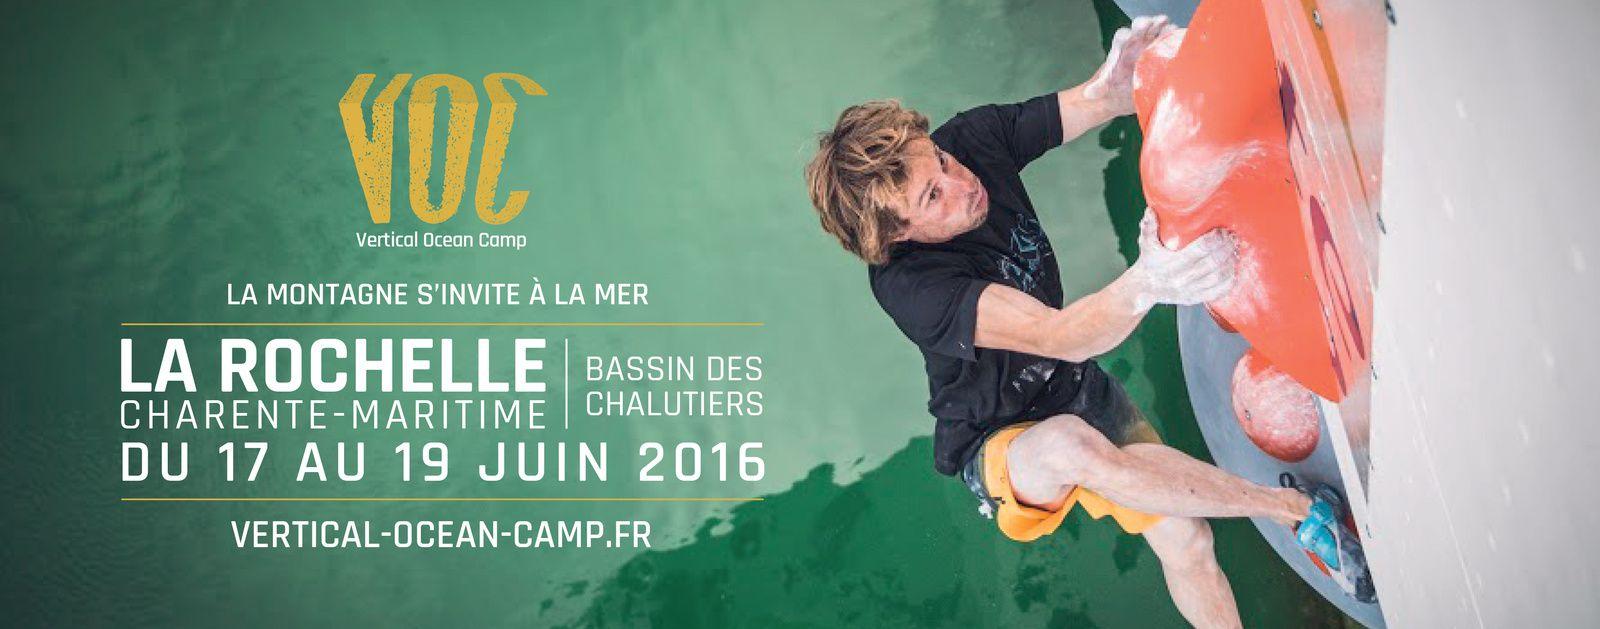 Vertical Ocean Camp - La Rochelle